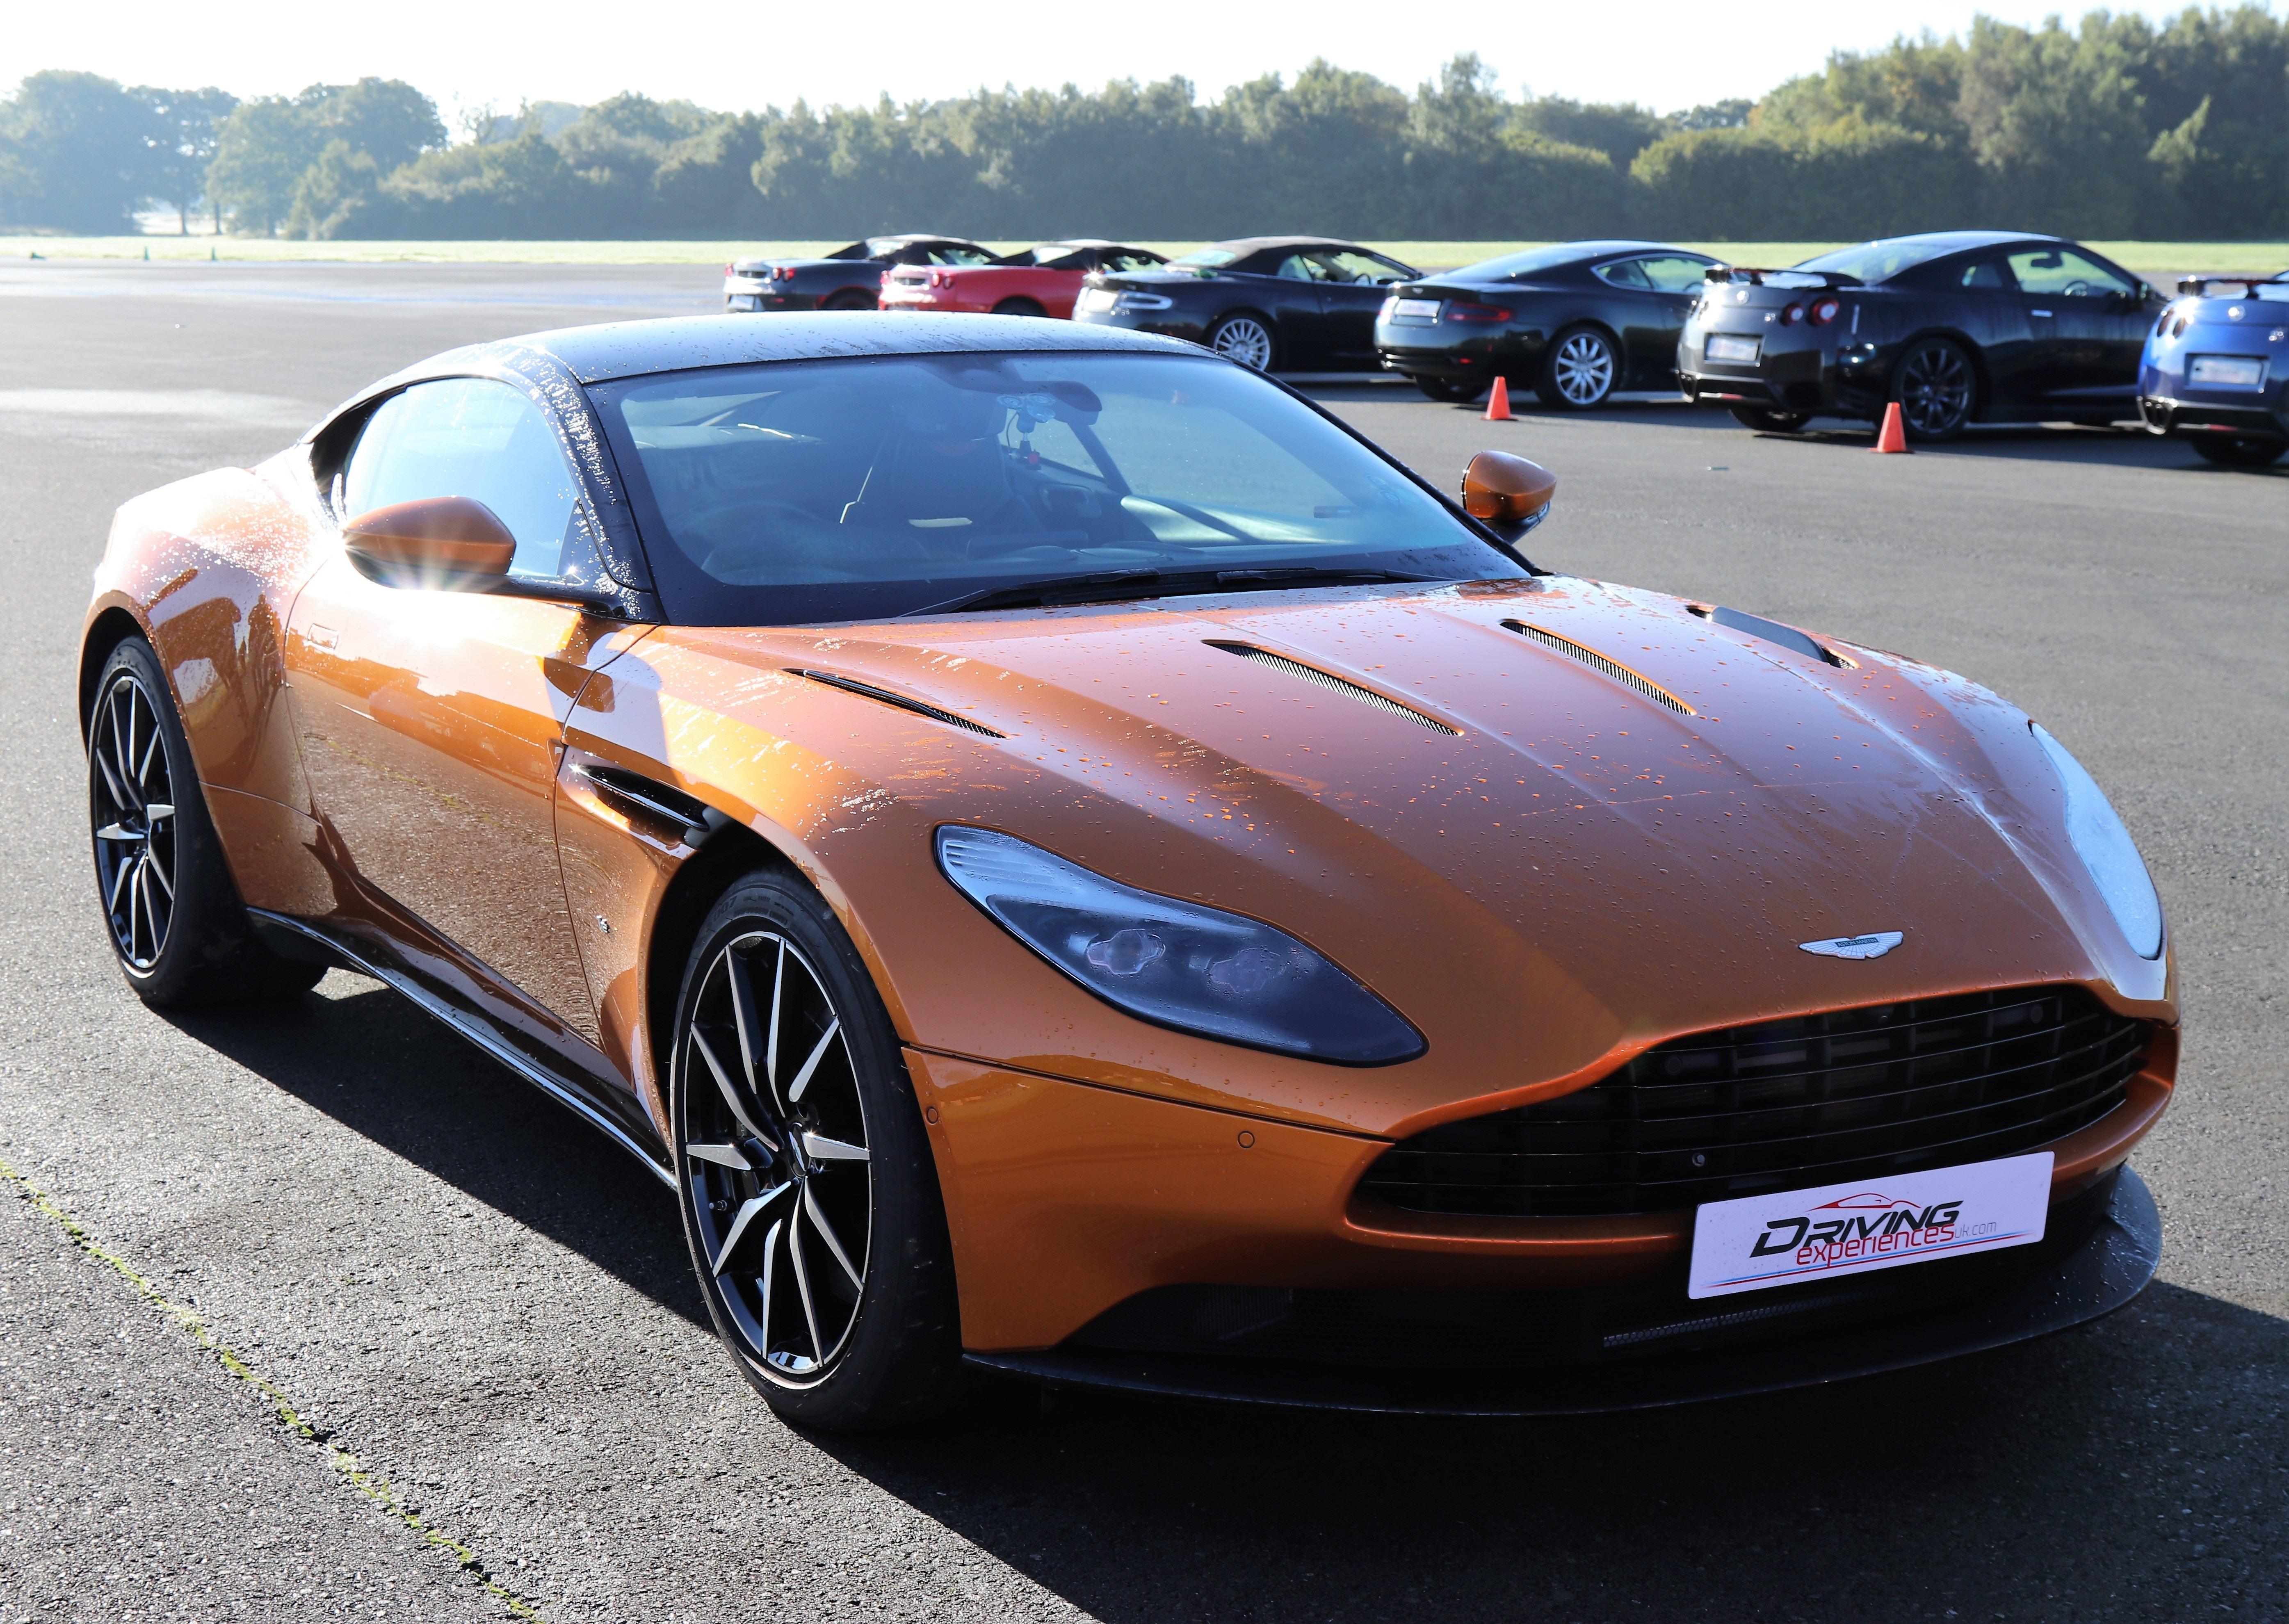 Free Stock Photo Of Aston Martin Car